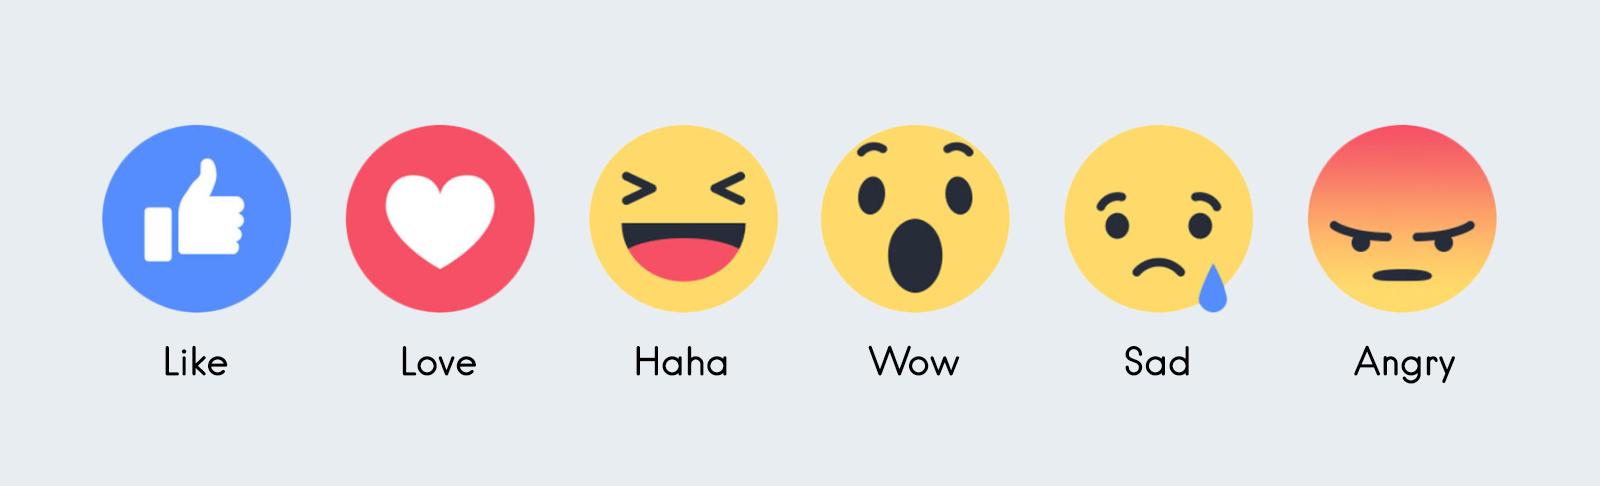 watch the emoji movie free online 123